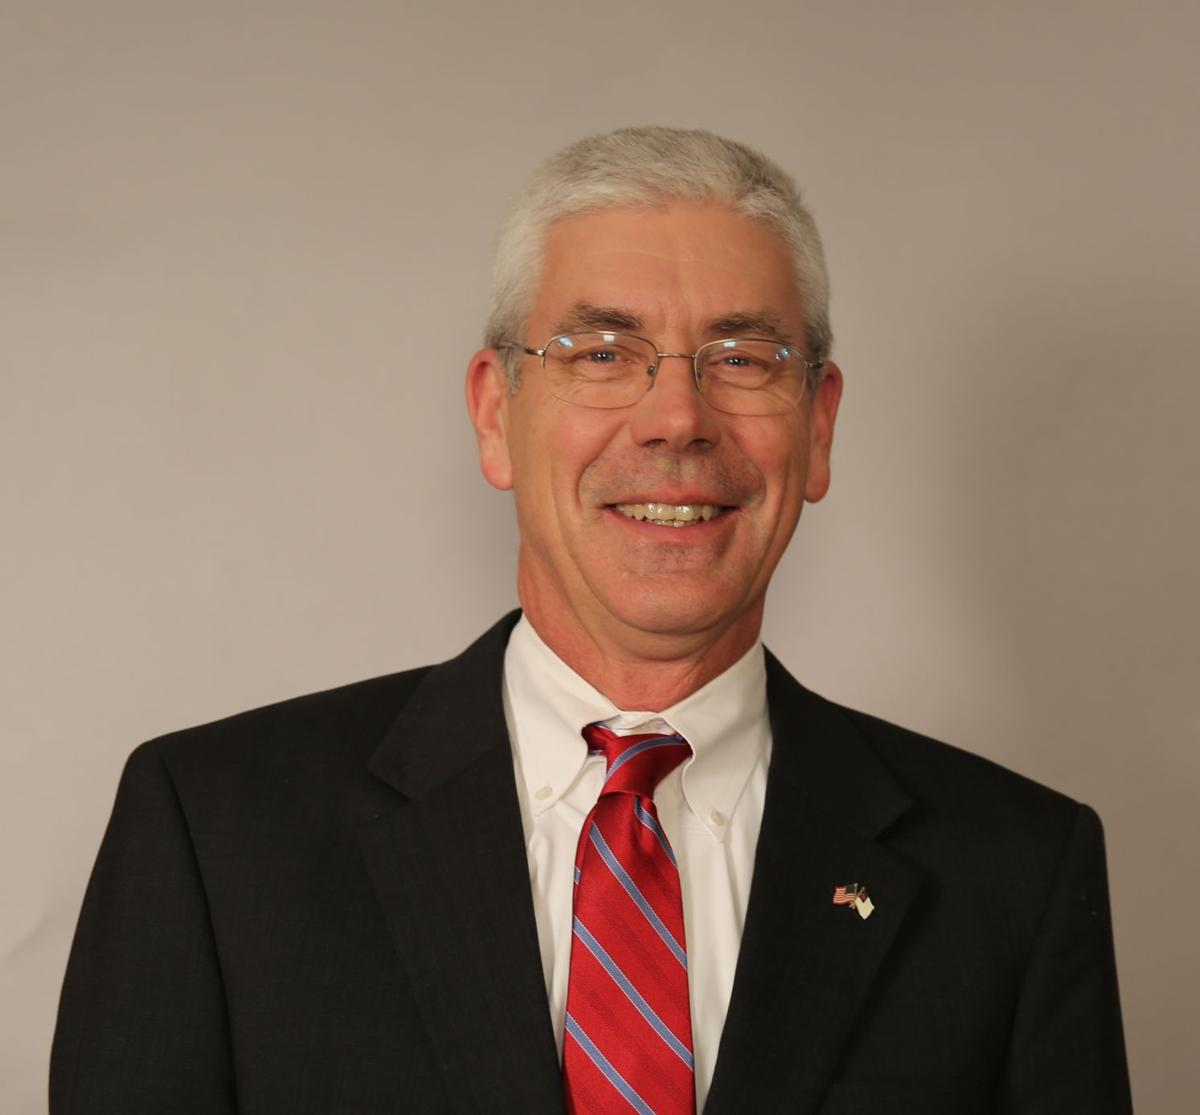 State Sen. Bill Heath